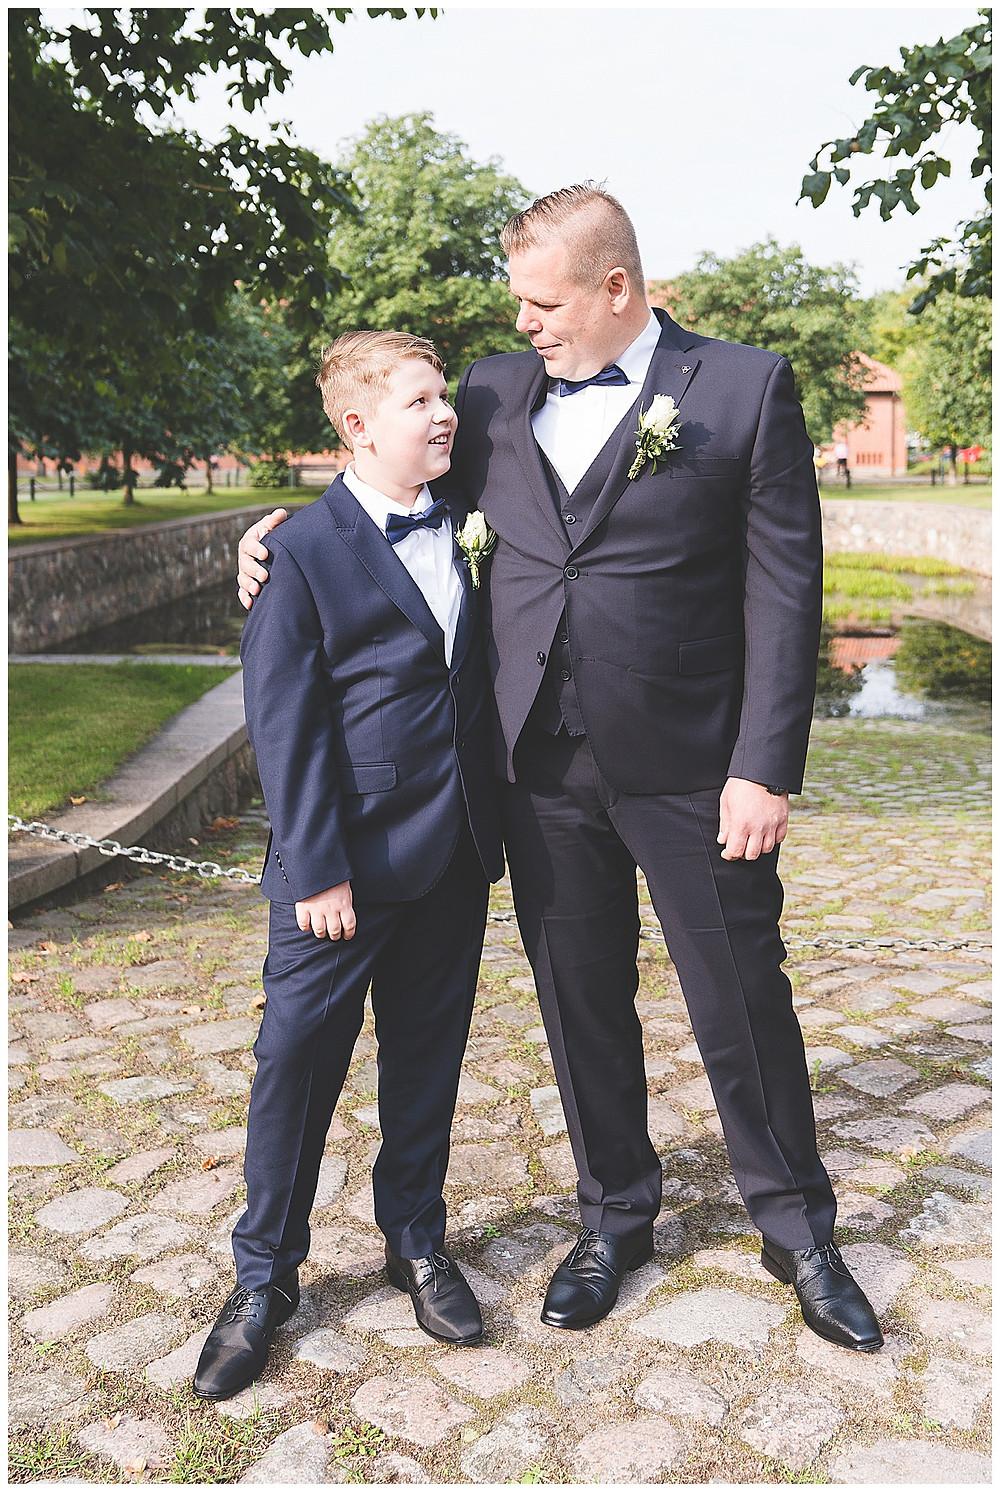 Bräutigam und Sohn schauen sich an